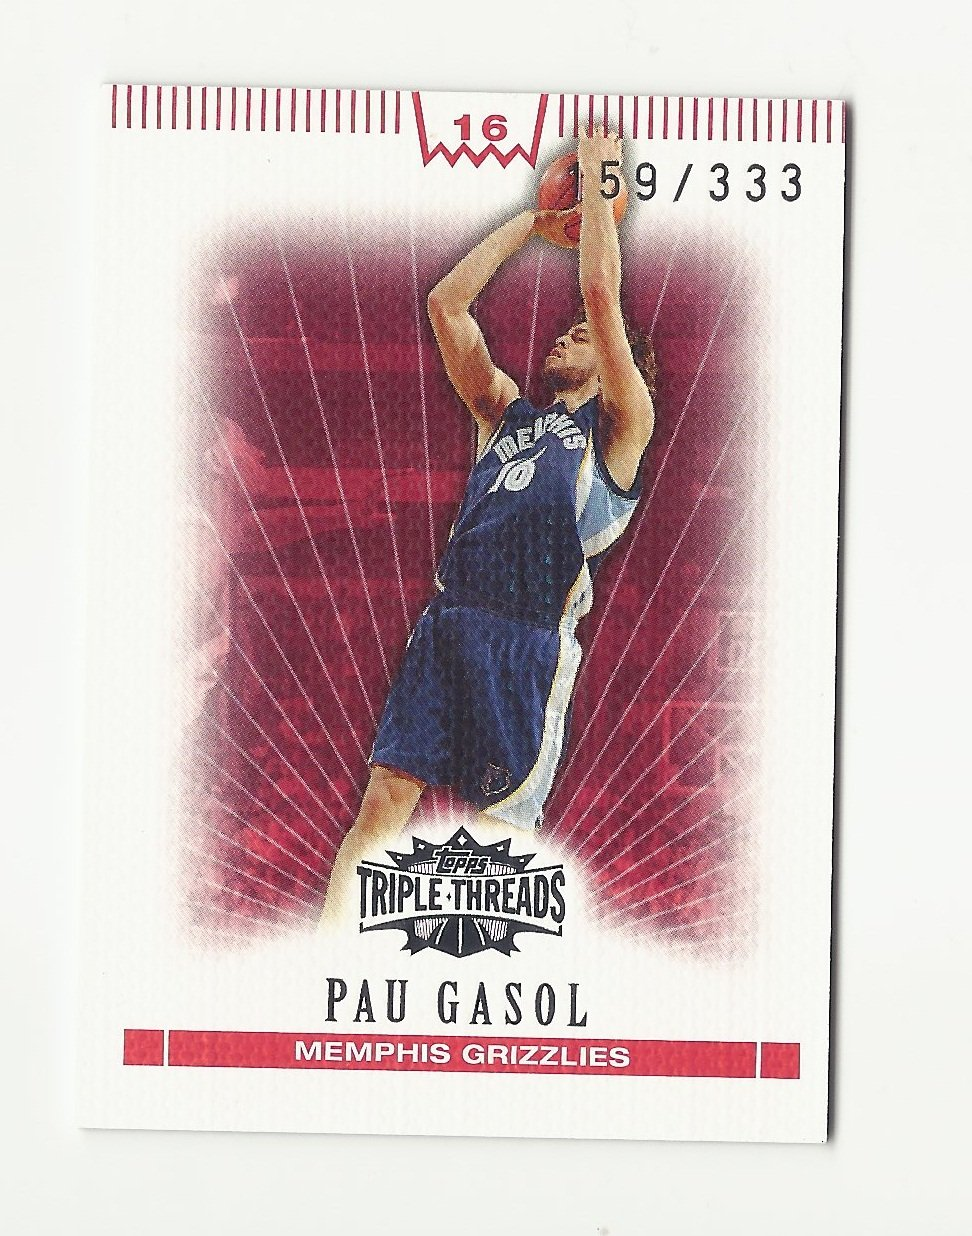 Pau Gasol 2008 Topps Triple Threads (159/333) Memphis Grizzlies